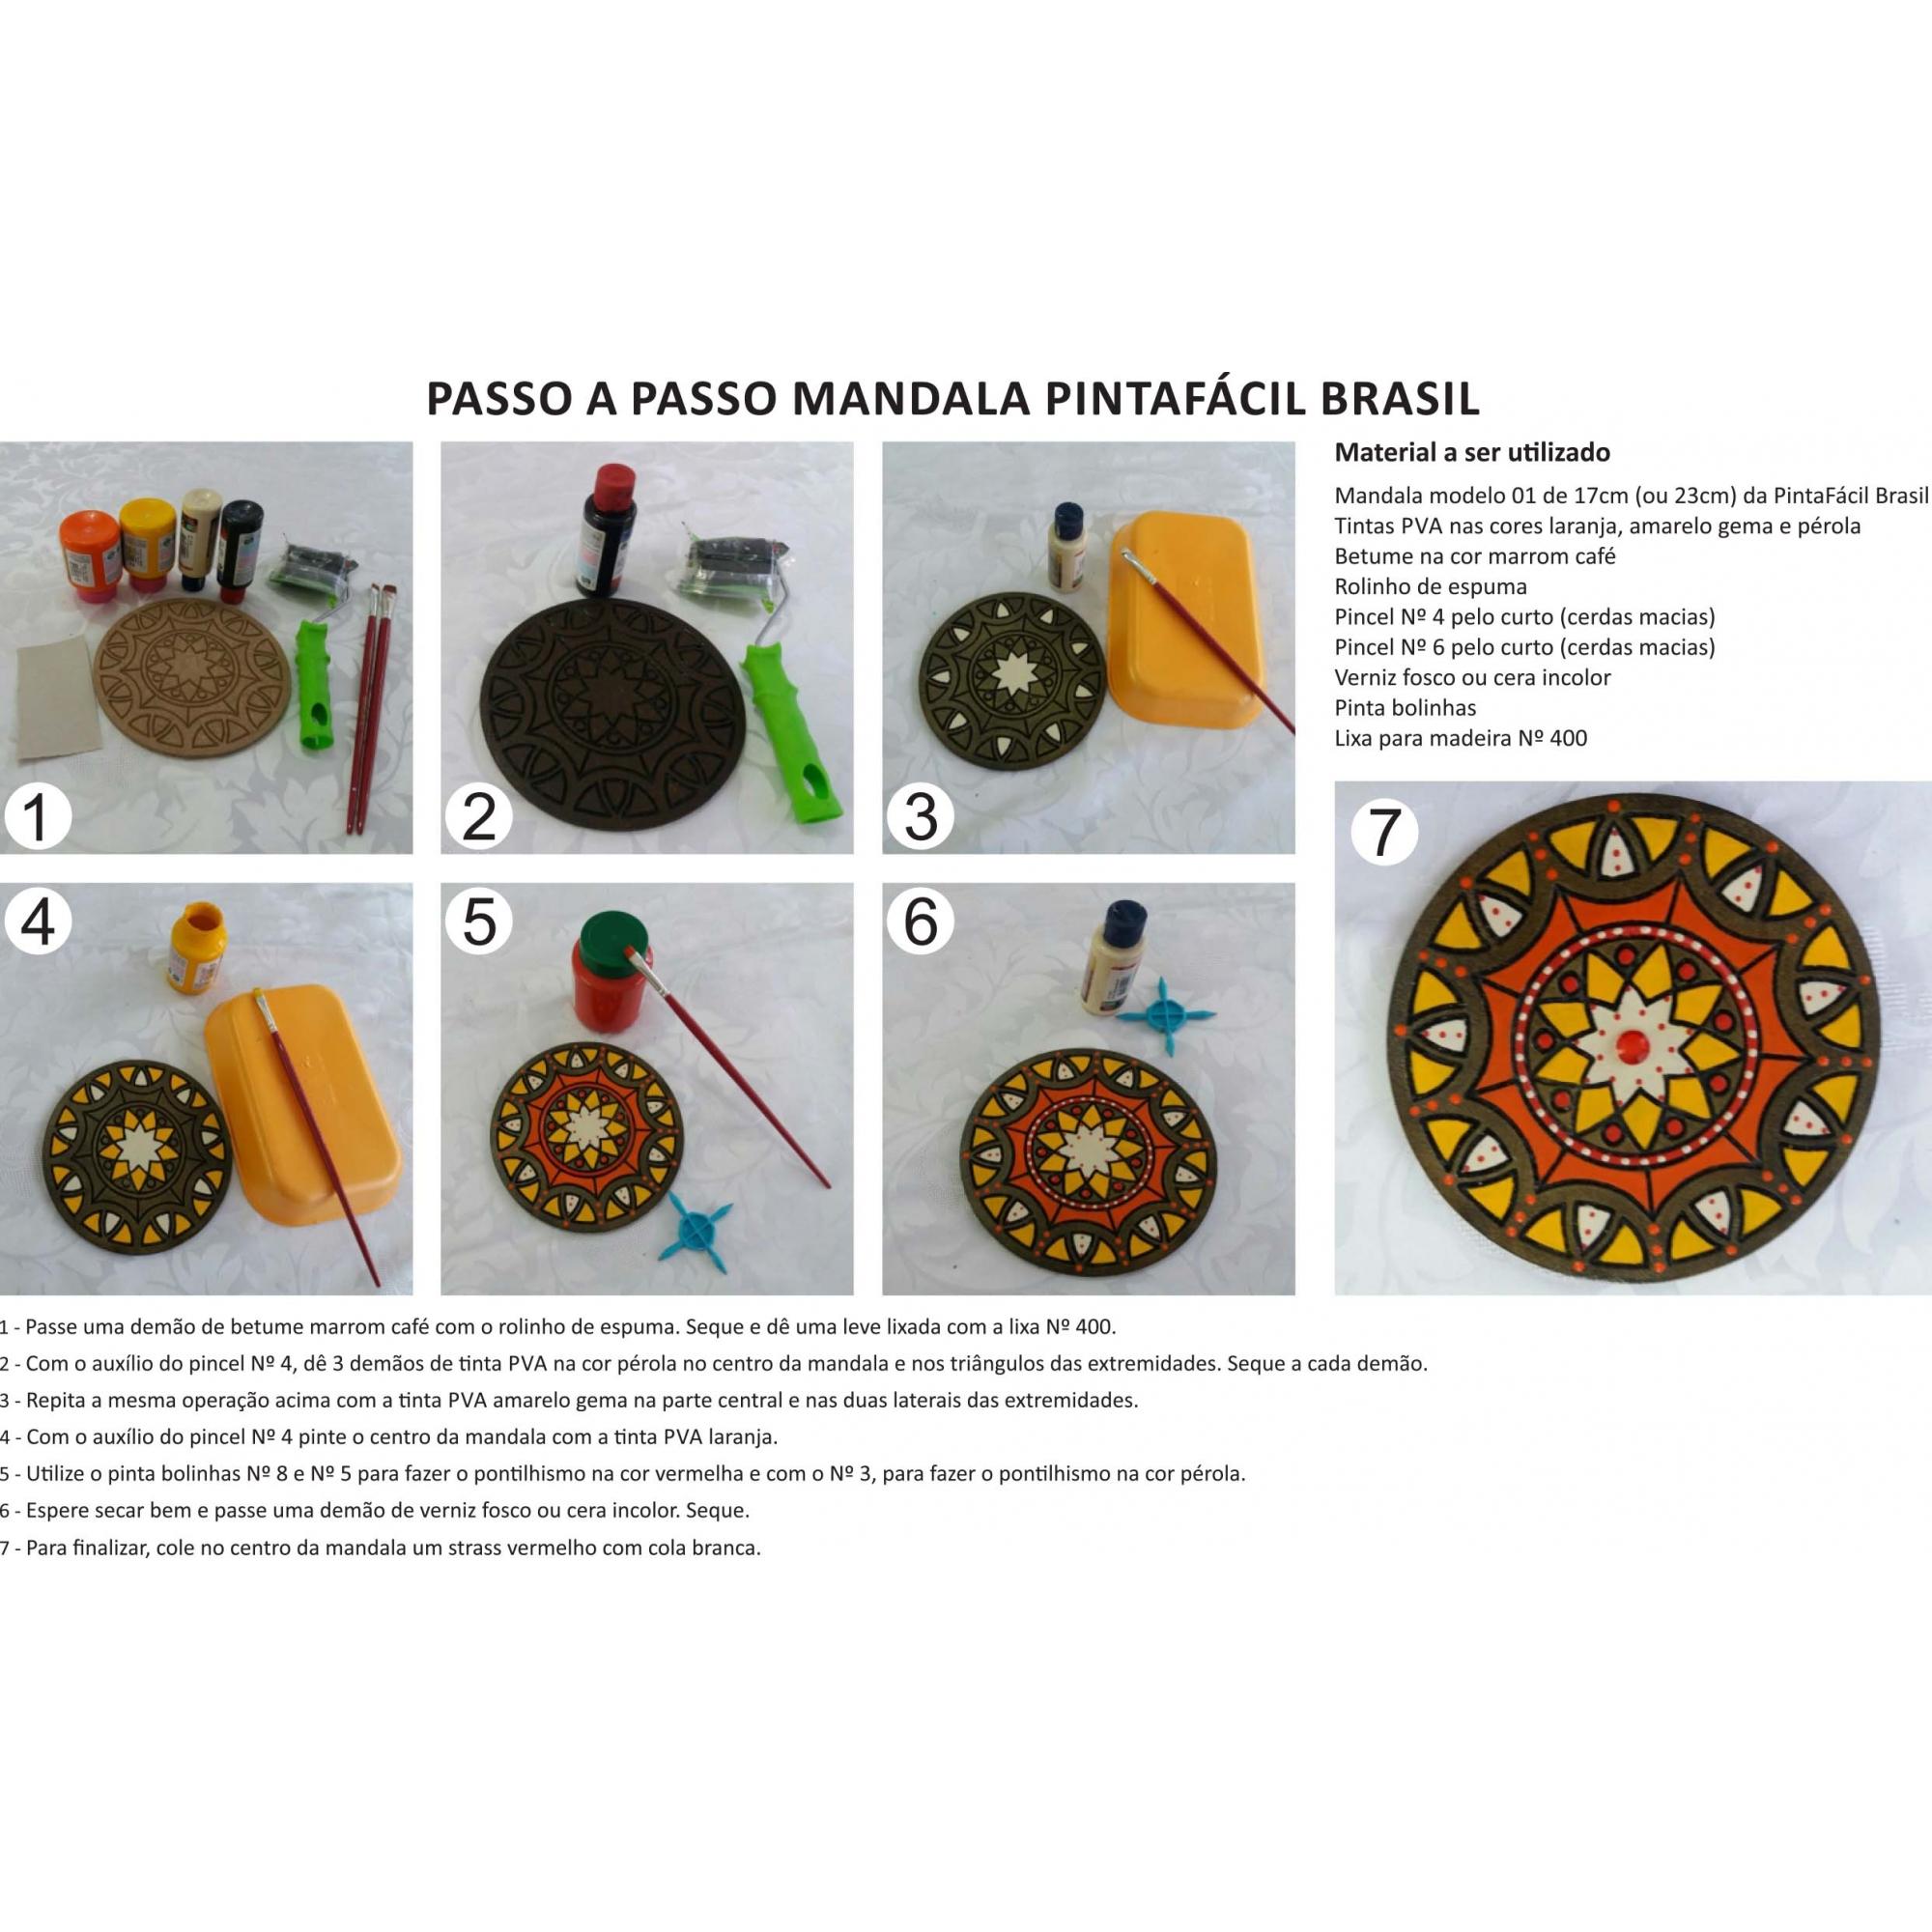 Kit 2 Peças Ganesha em Mdf Cru 15xh21cm para Pintar